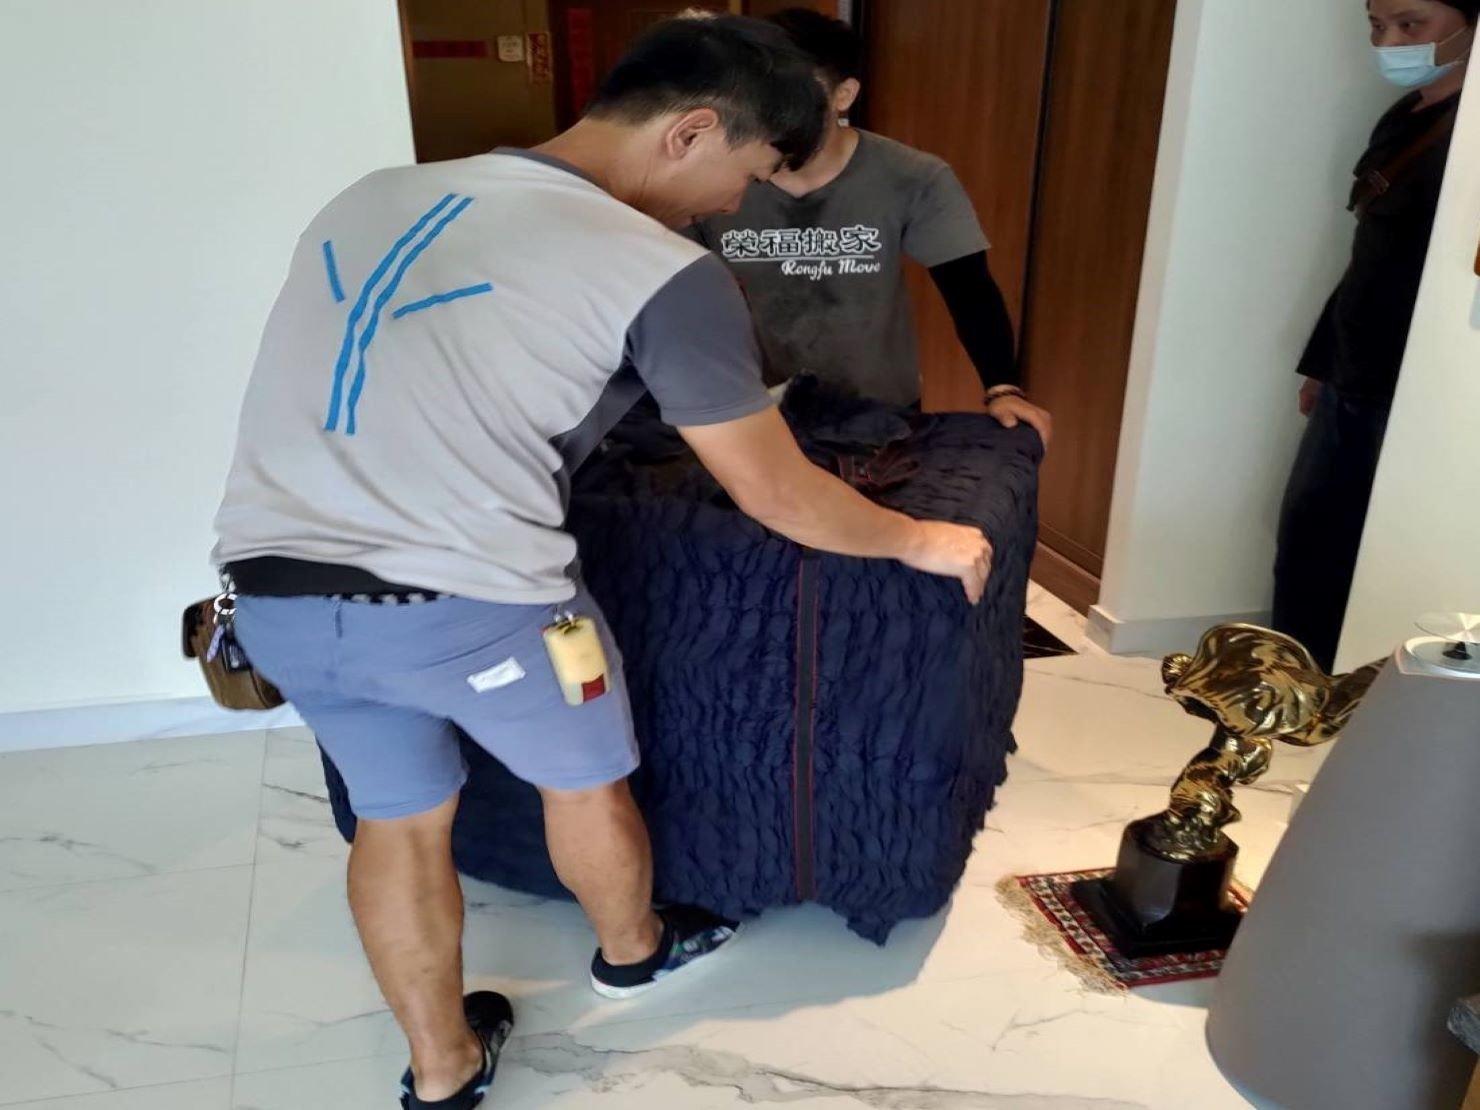 搬魚缸【榮福搬家】搬重物、搬金庫、台北搬家推薦:師傅以拖板車將魚缸運送至門口擺放,再一併將物品搬運下樓